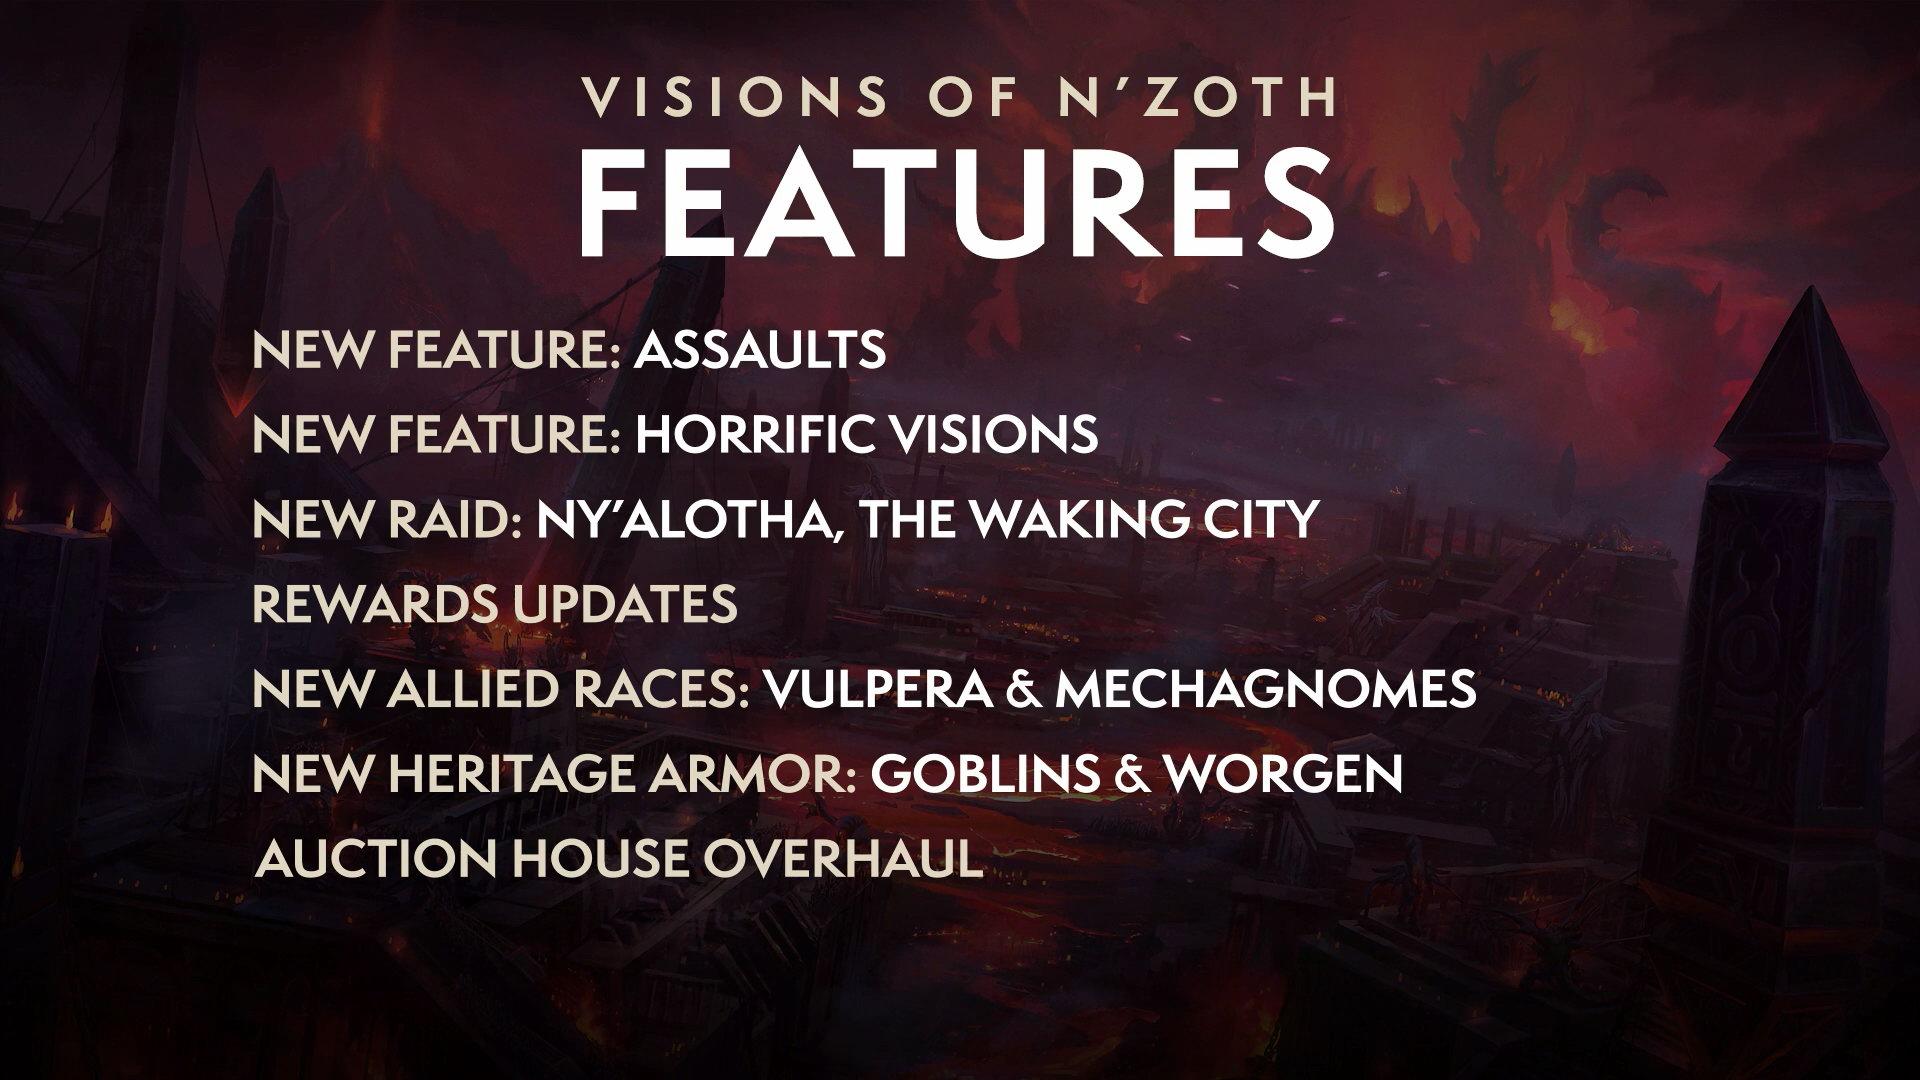 暴雪公布《魔兽世界》8.3版本内容:恩佐斯的异象